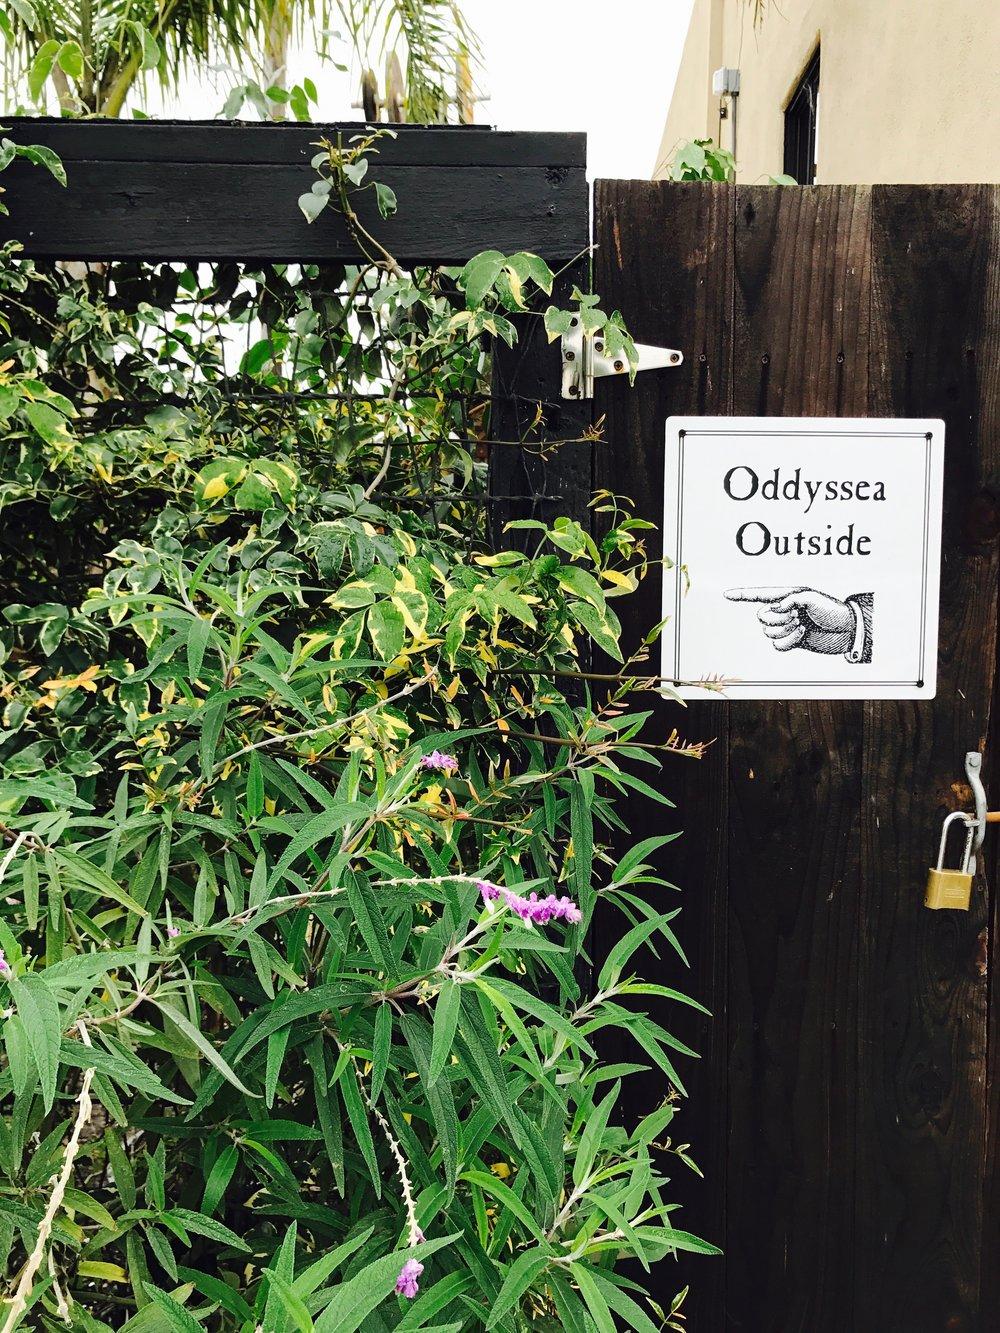 Outdoor play area Oddyssea best kids activities Half Moon Bay